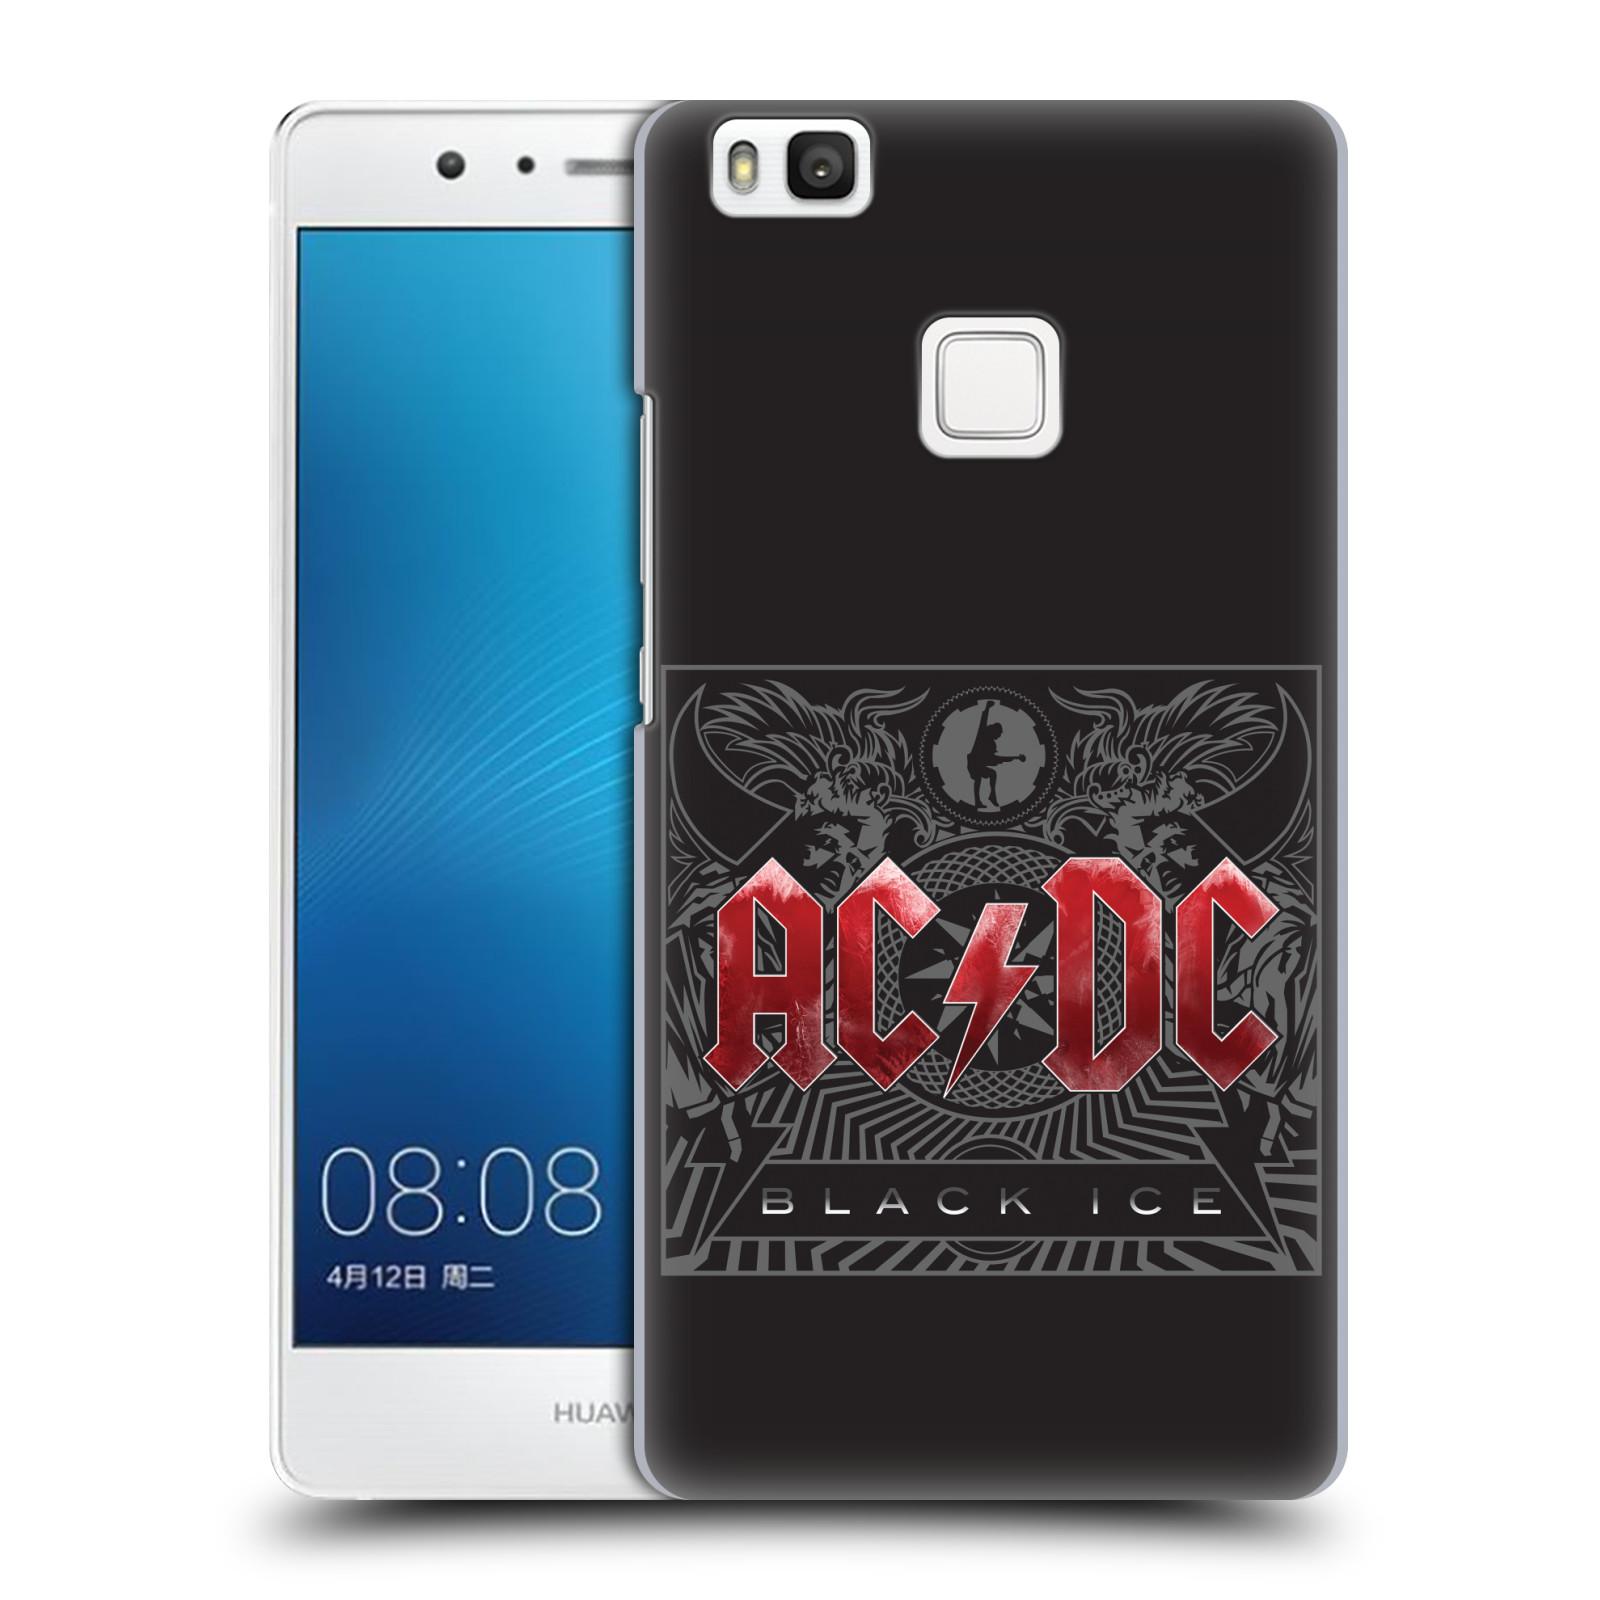 Plastové pouzdro na mobil Huawei P9 Lite HEAD CASE AC/DC Black Ice